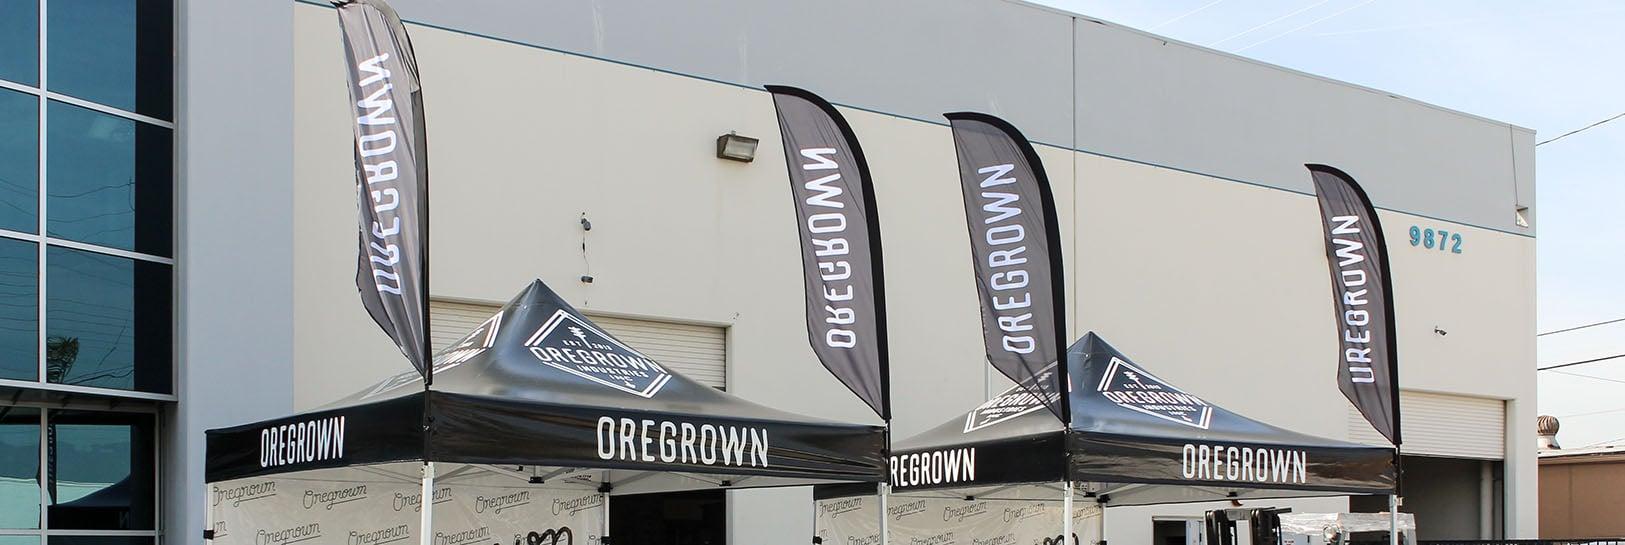 oregrown-header.jpg